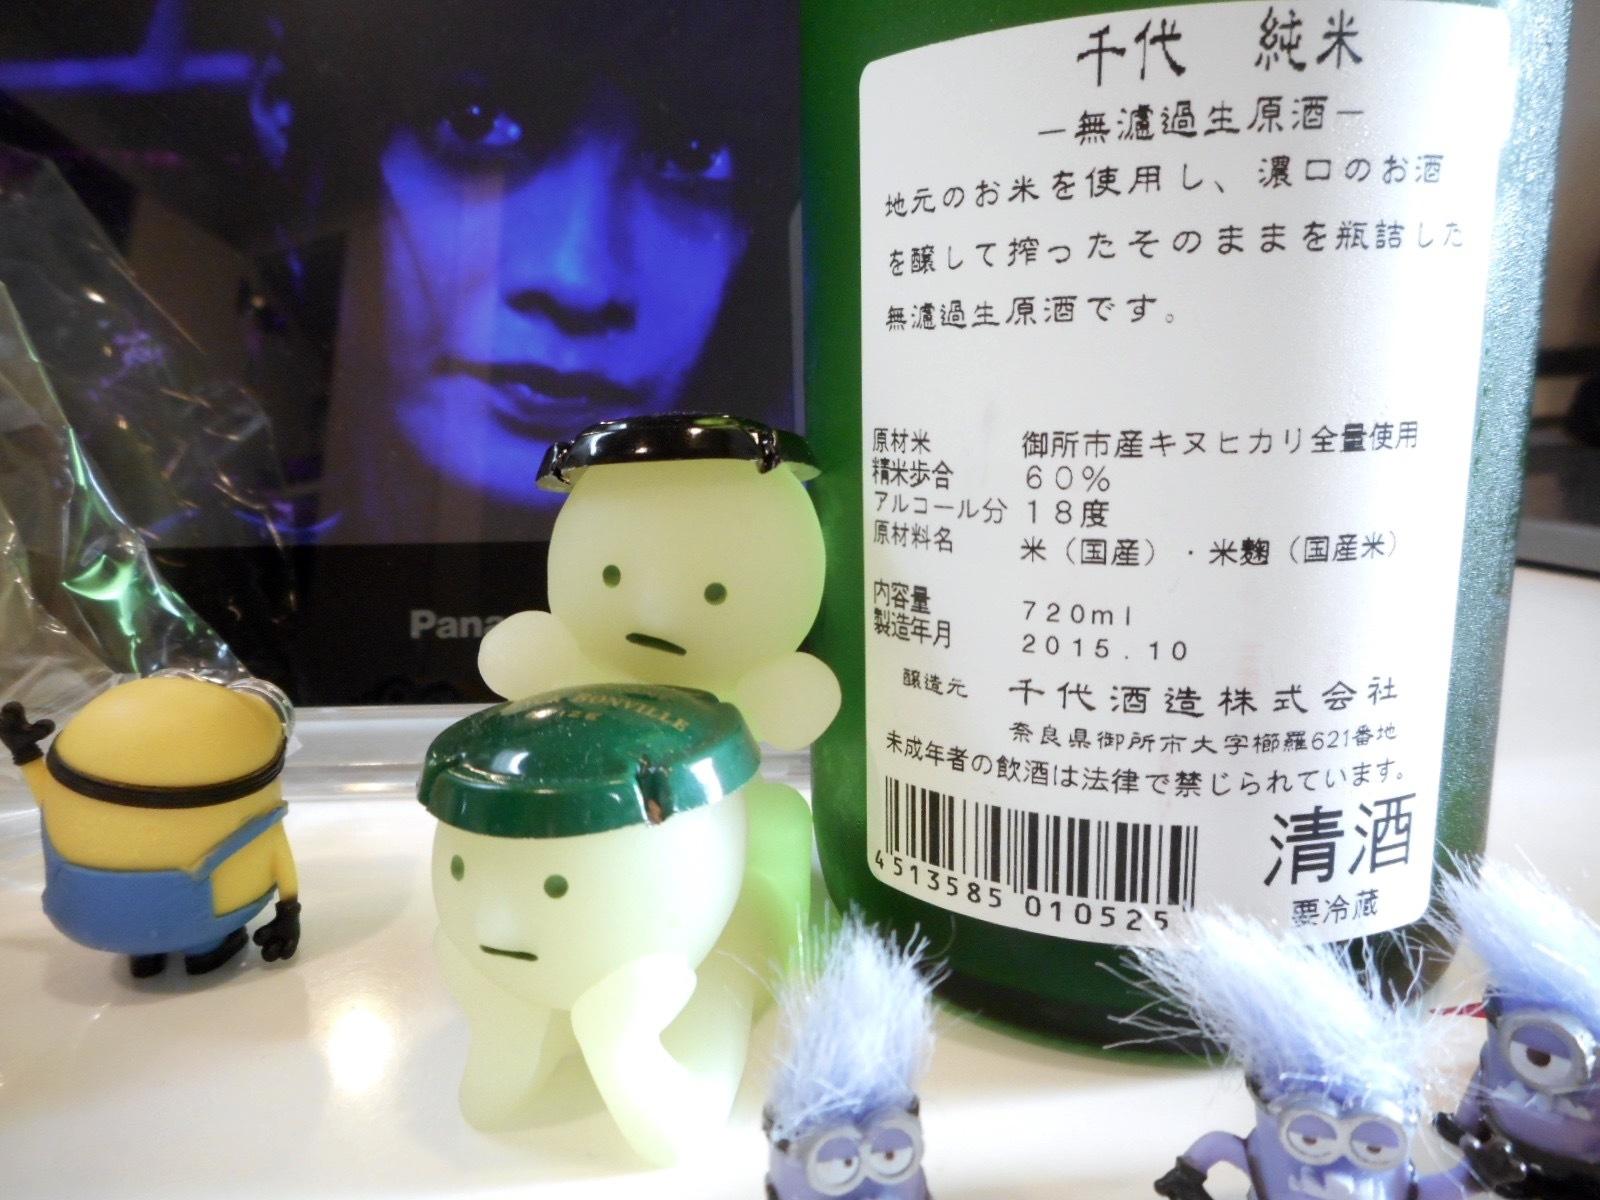 chiyo_kinuhikari60b_26by3.jpg